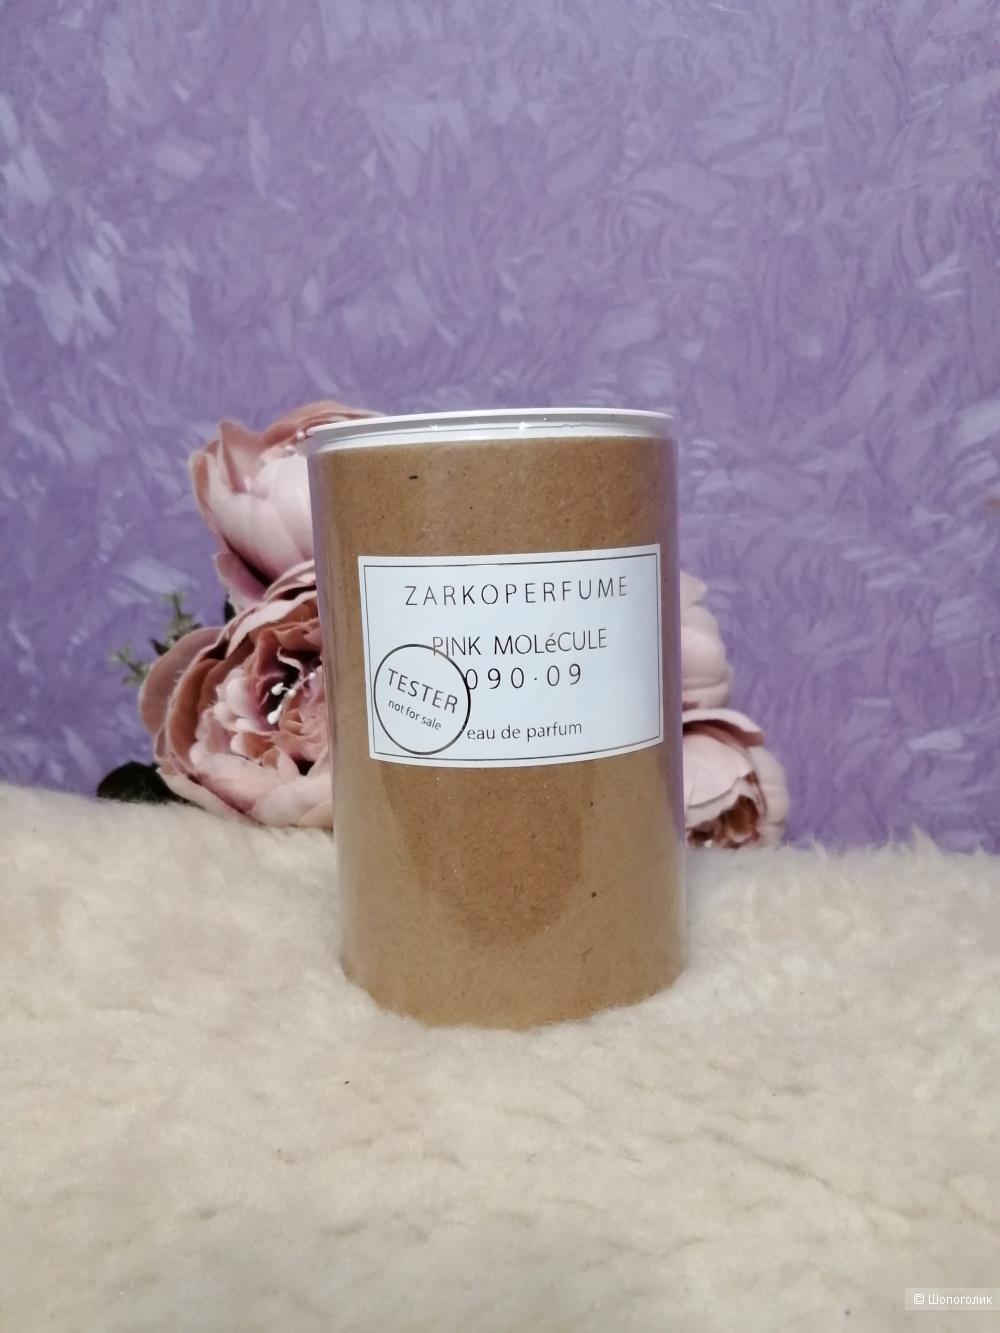 Zarkoperfume «PINK MOLéCULE 090.09» (Розовая молекула 090.09), 100 мл